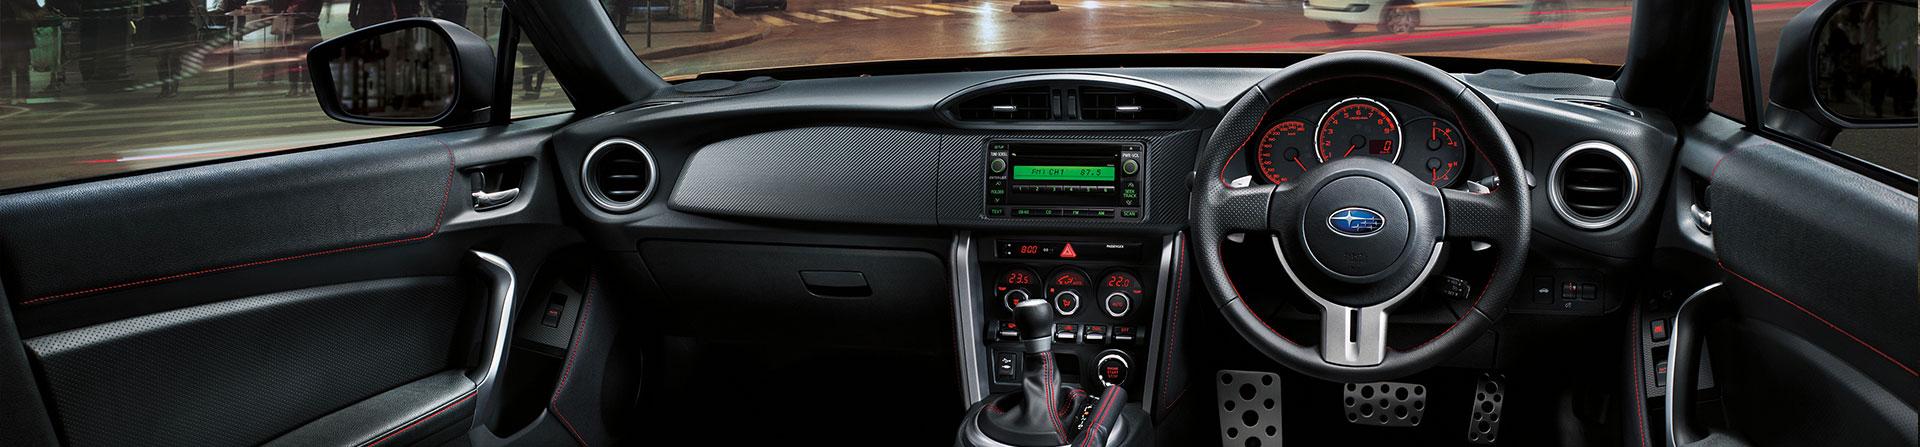 Subaru WRX Image 5